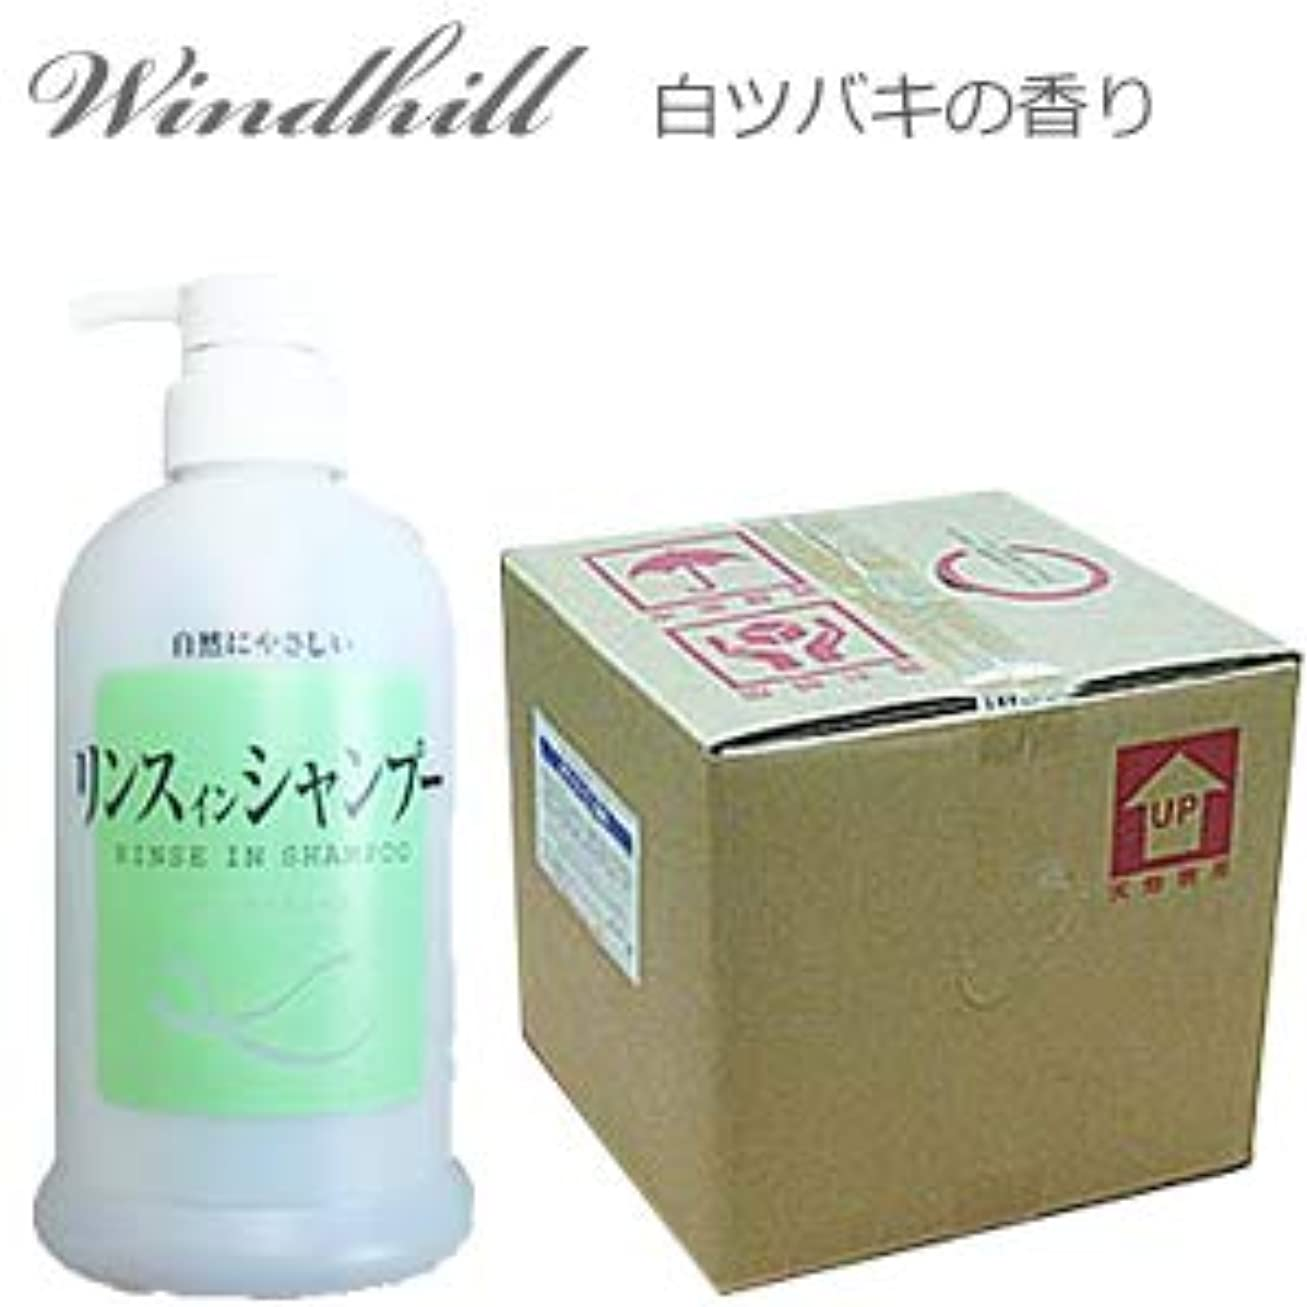 きしむパイプライン思想なんと! 500ml当り175円 Windhill 植物性 業務用 リンスインシャンプー 白椿の香り